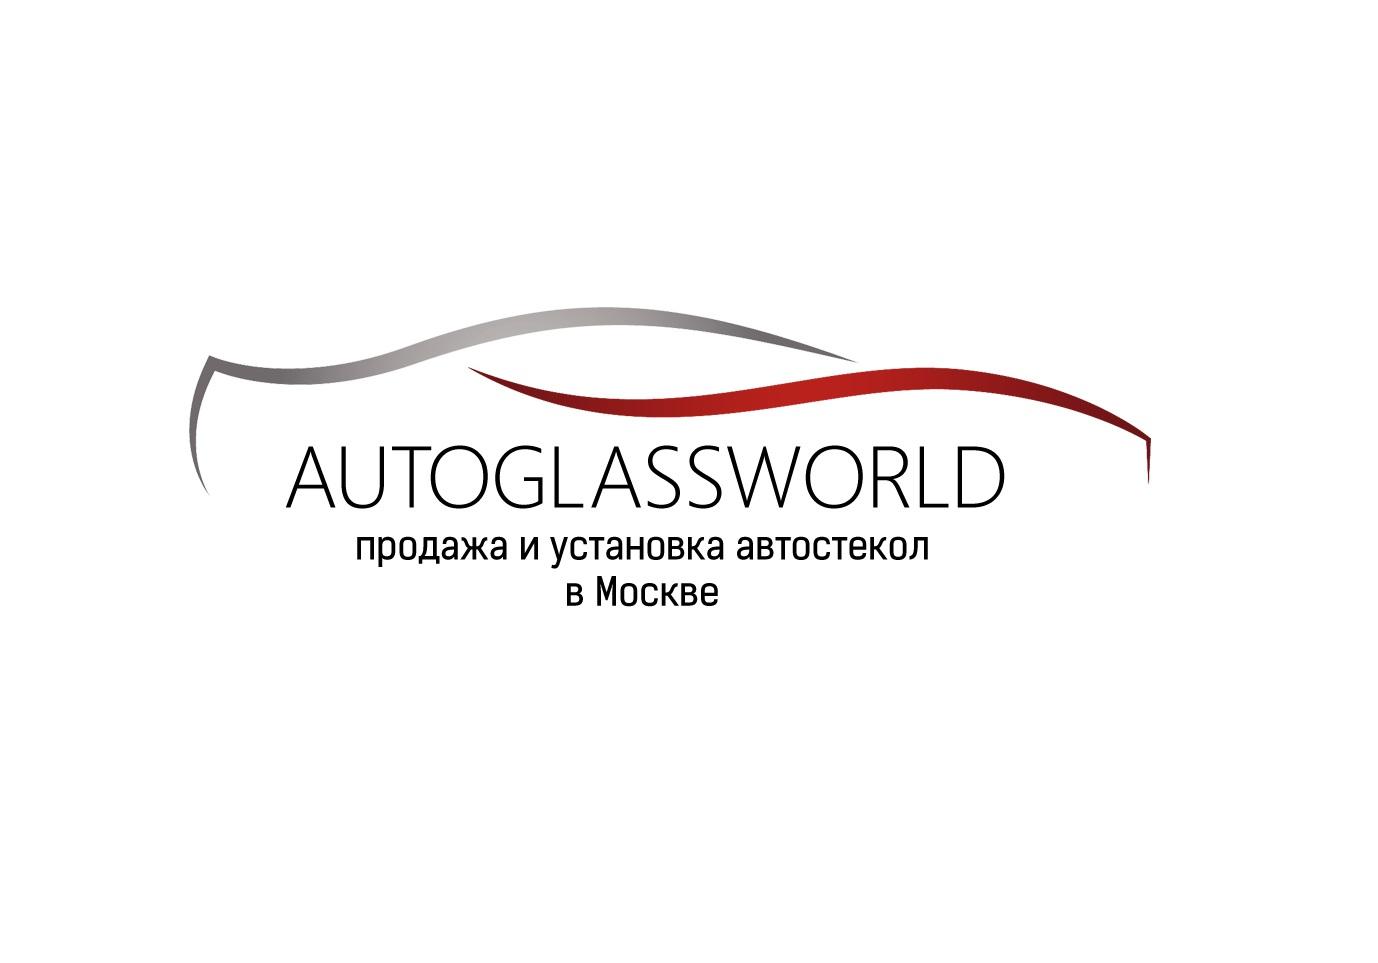 Autoglassworld центр замены и ремонта автостекол, отзывы